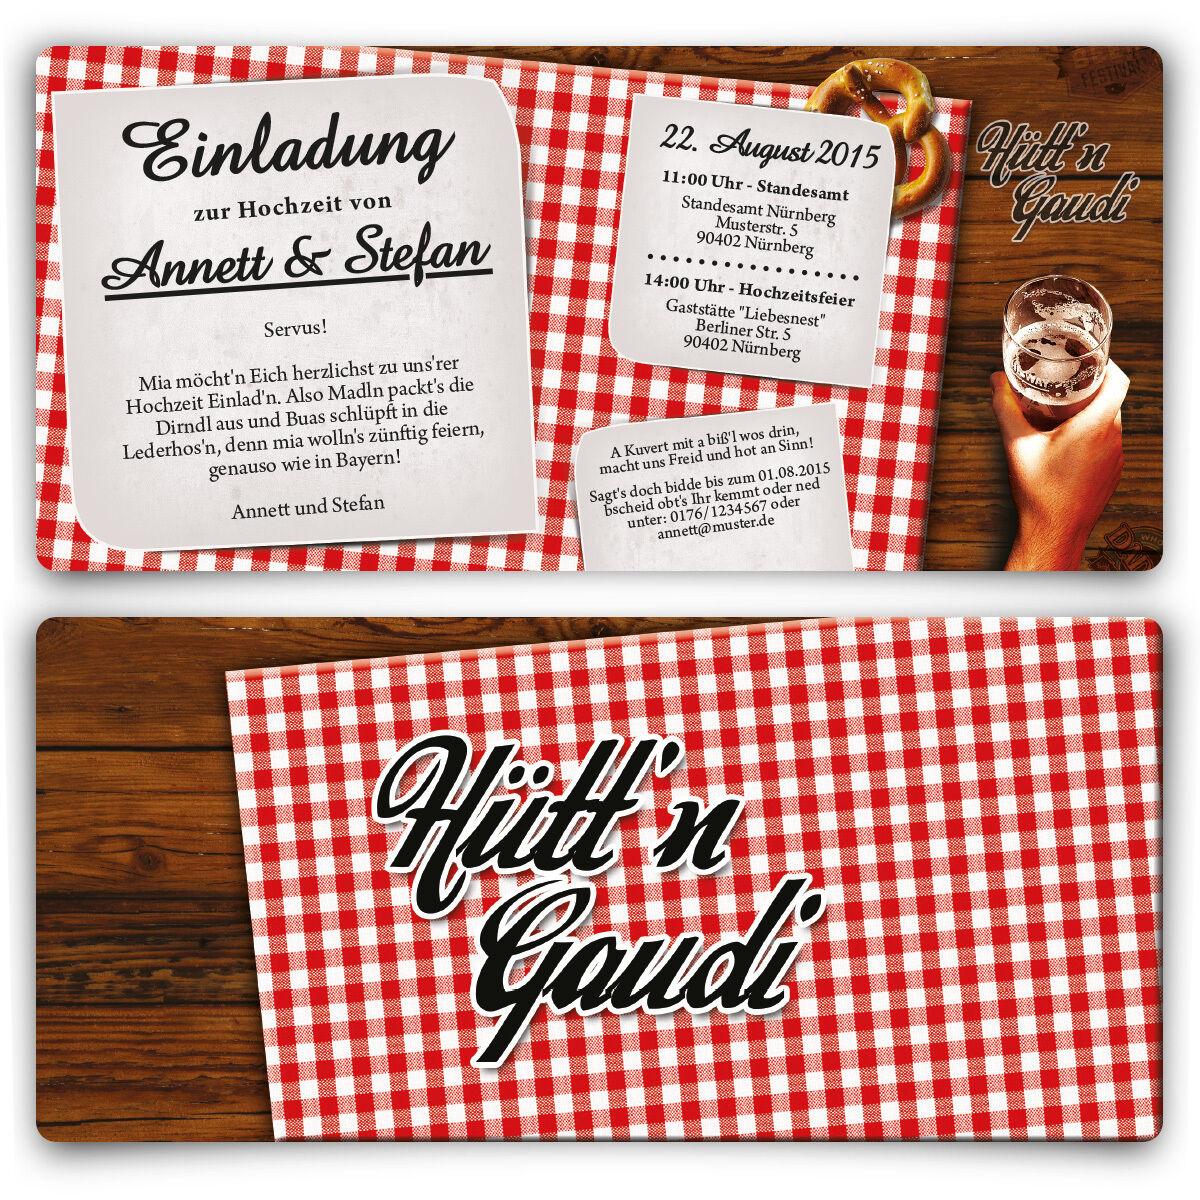 Einladungskarten zur Hochzeit Hütt'n Gaudi Frühschoppen Oktoberfest Wiesn Bayern | Professionelles Design  | Ausgezeichnet (in) Qualität